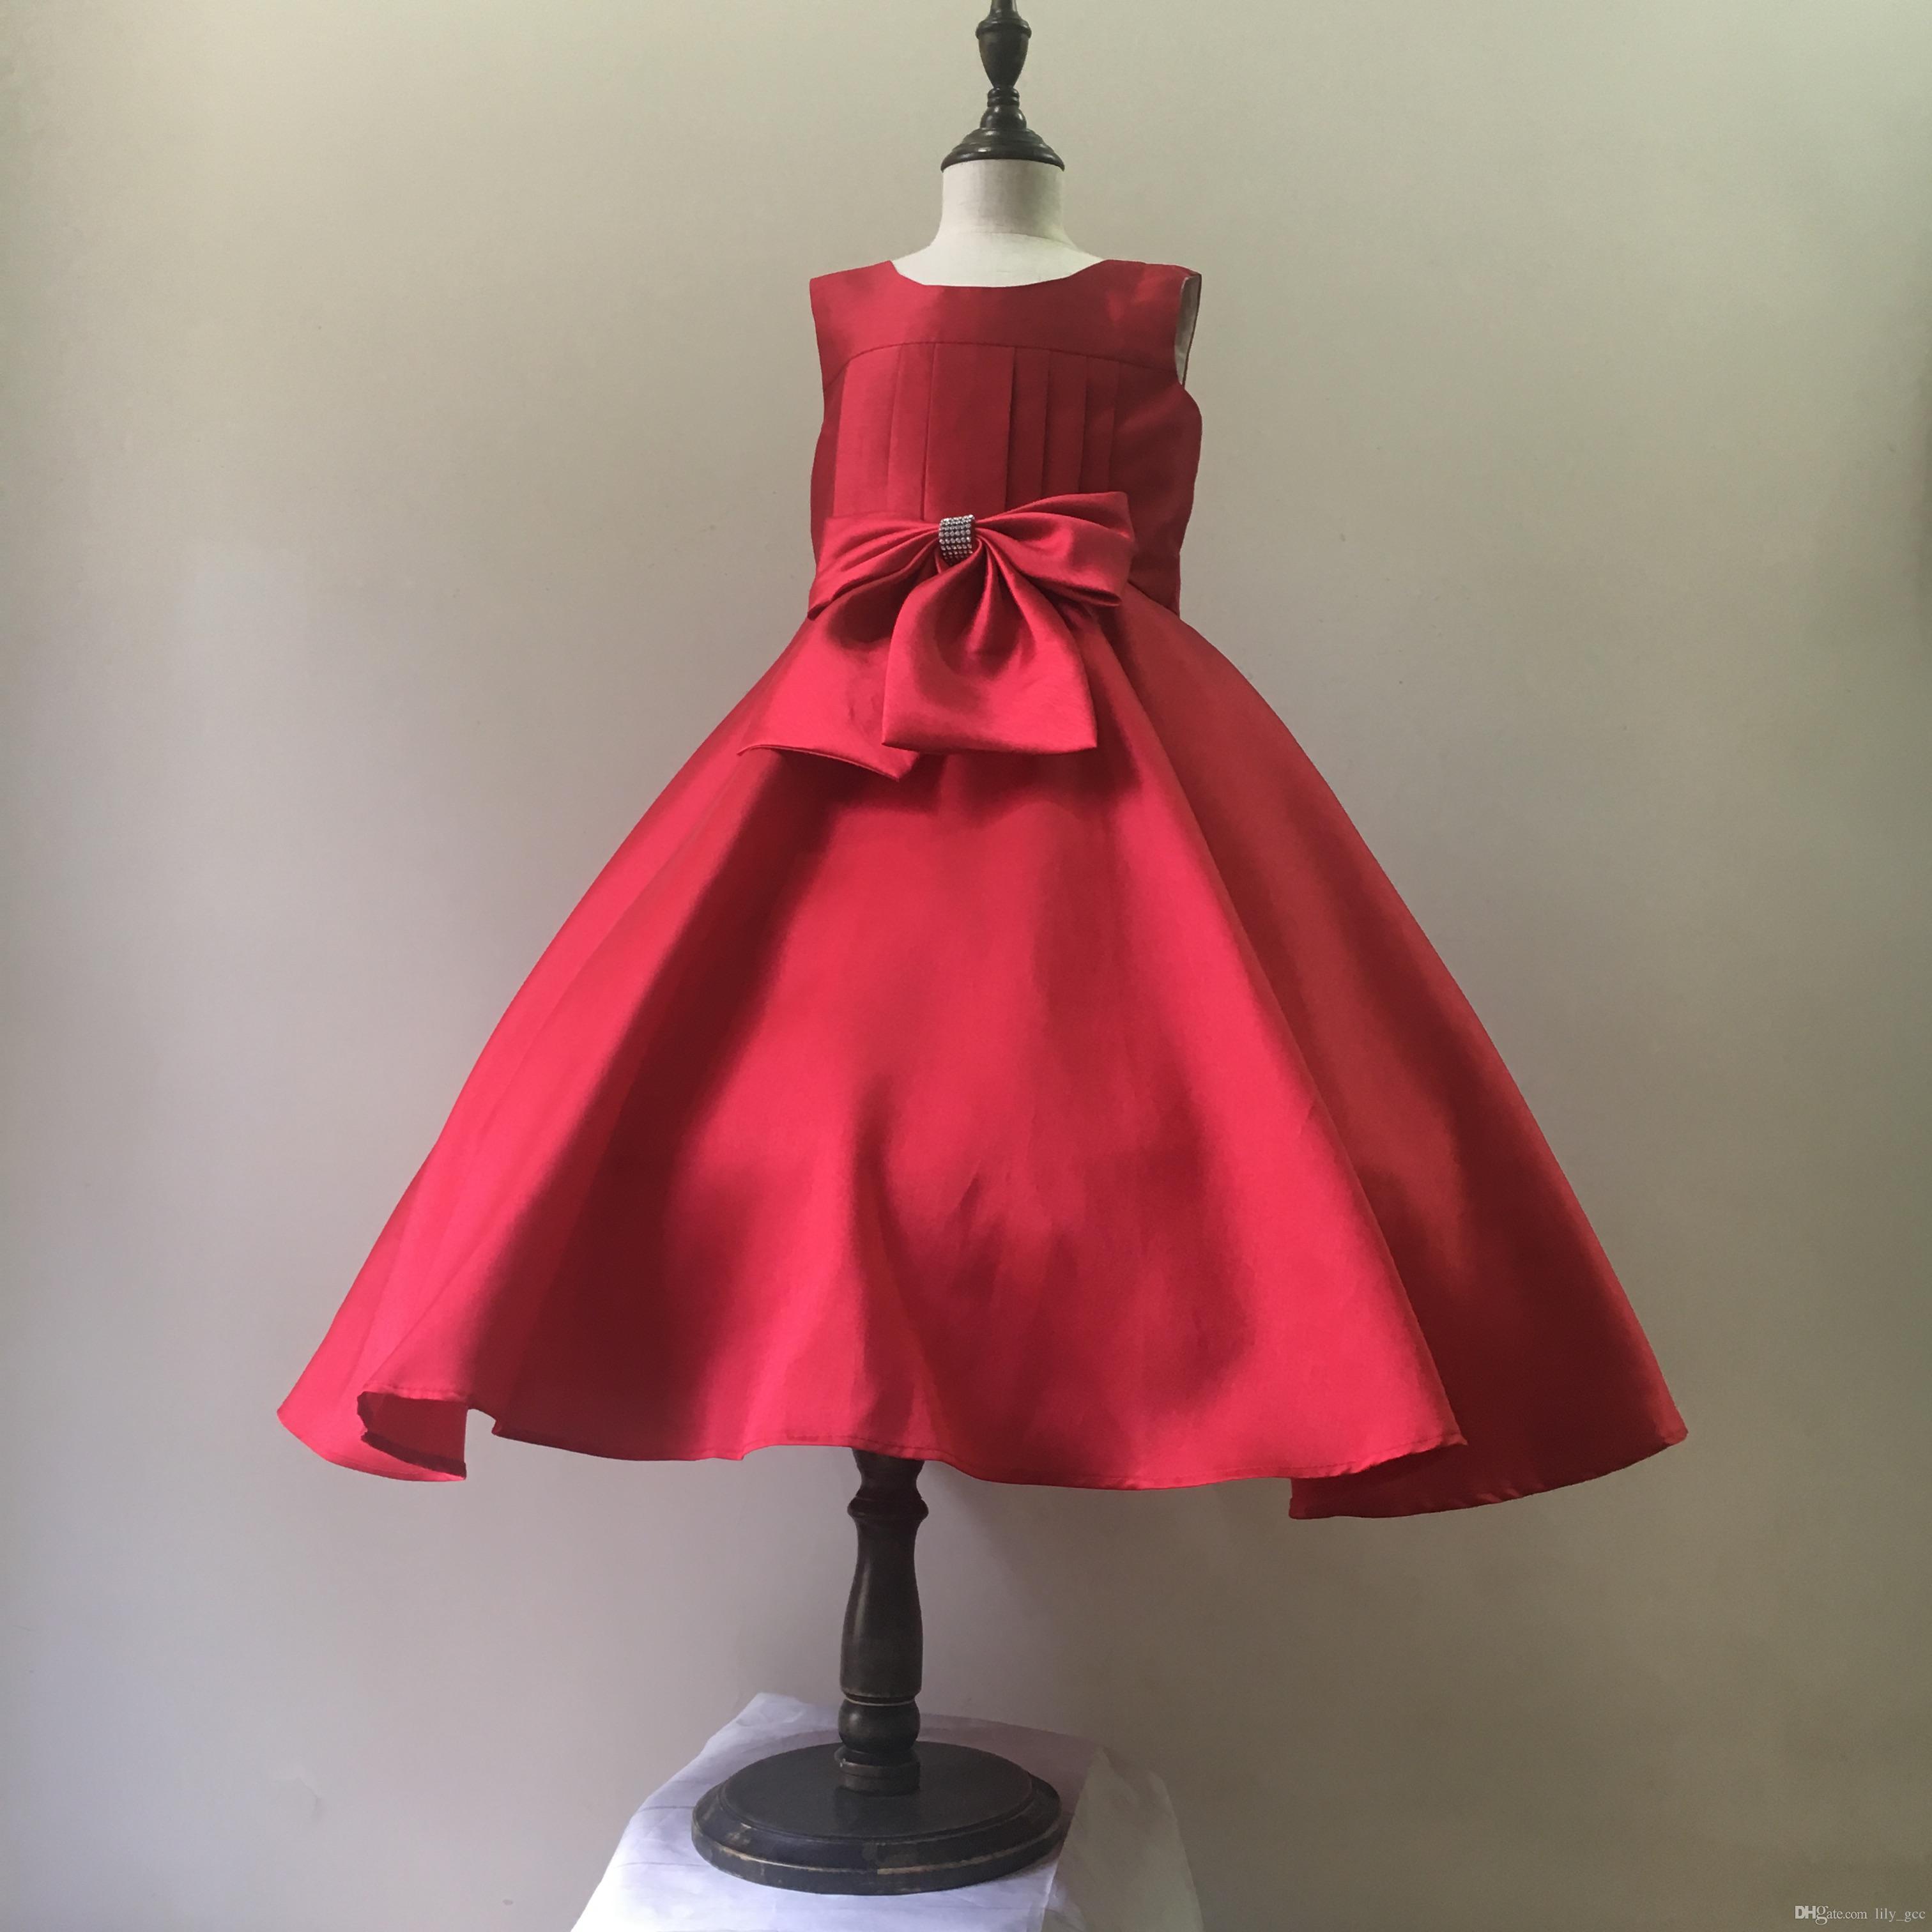 Großhandel Neu! Slub Baumwolle Party Kleid Mädchen Usa Größe ...